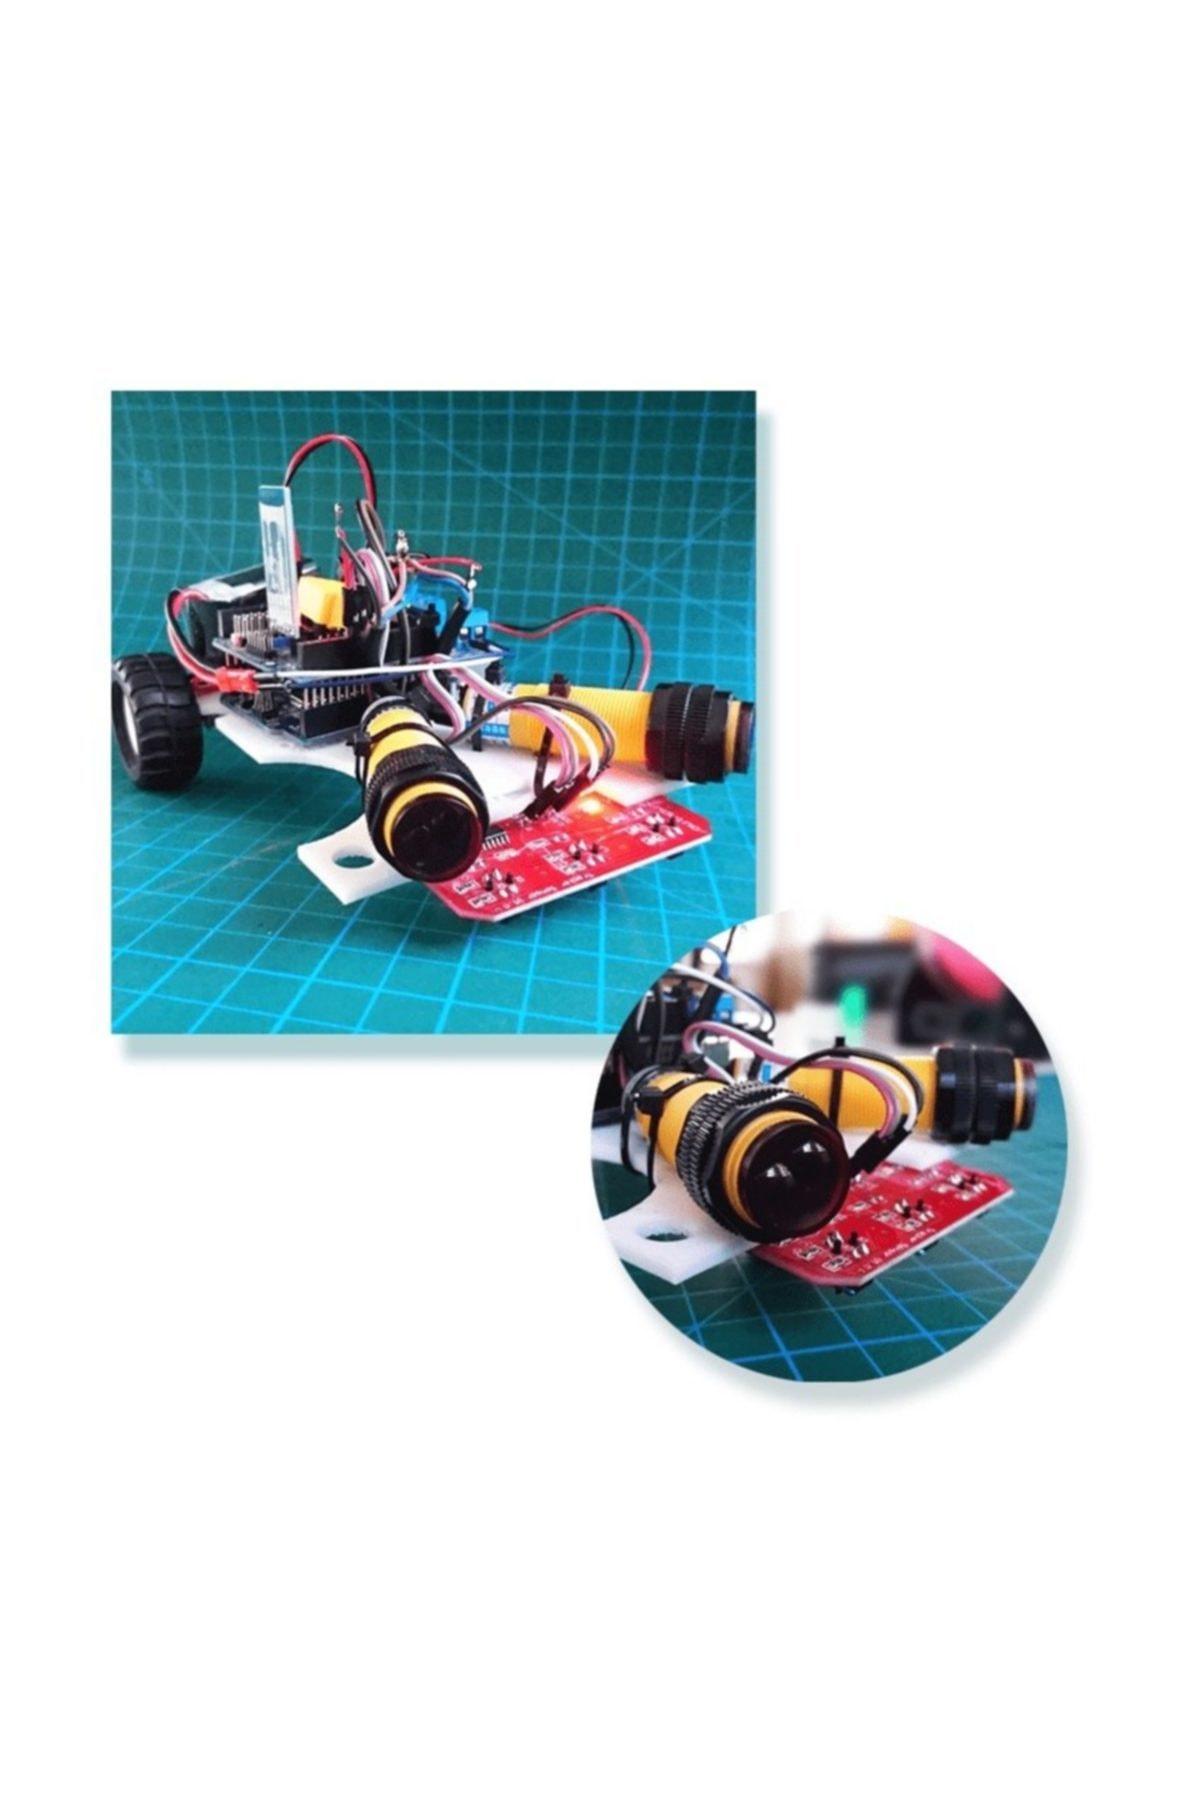 Robocombo Arduino Akıllı Robot Kiti - Kendin Yap Mbot 2